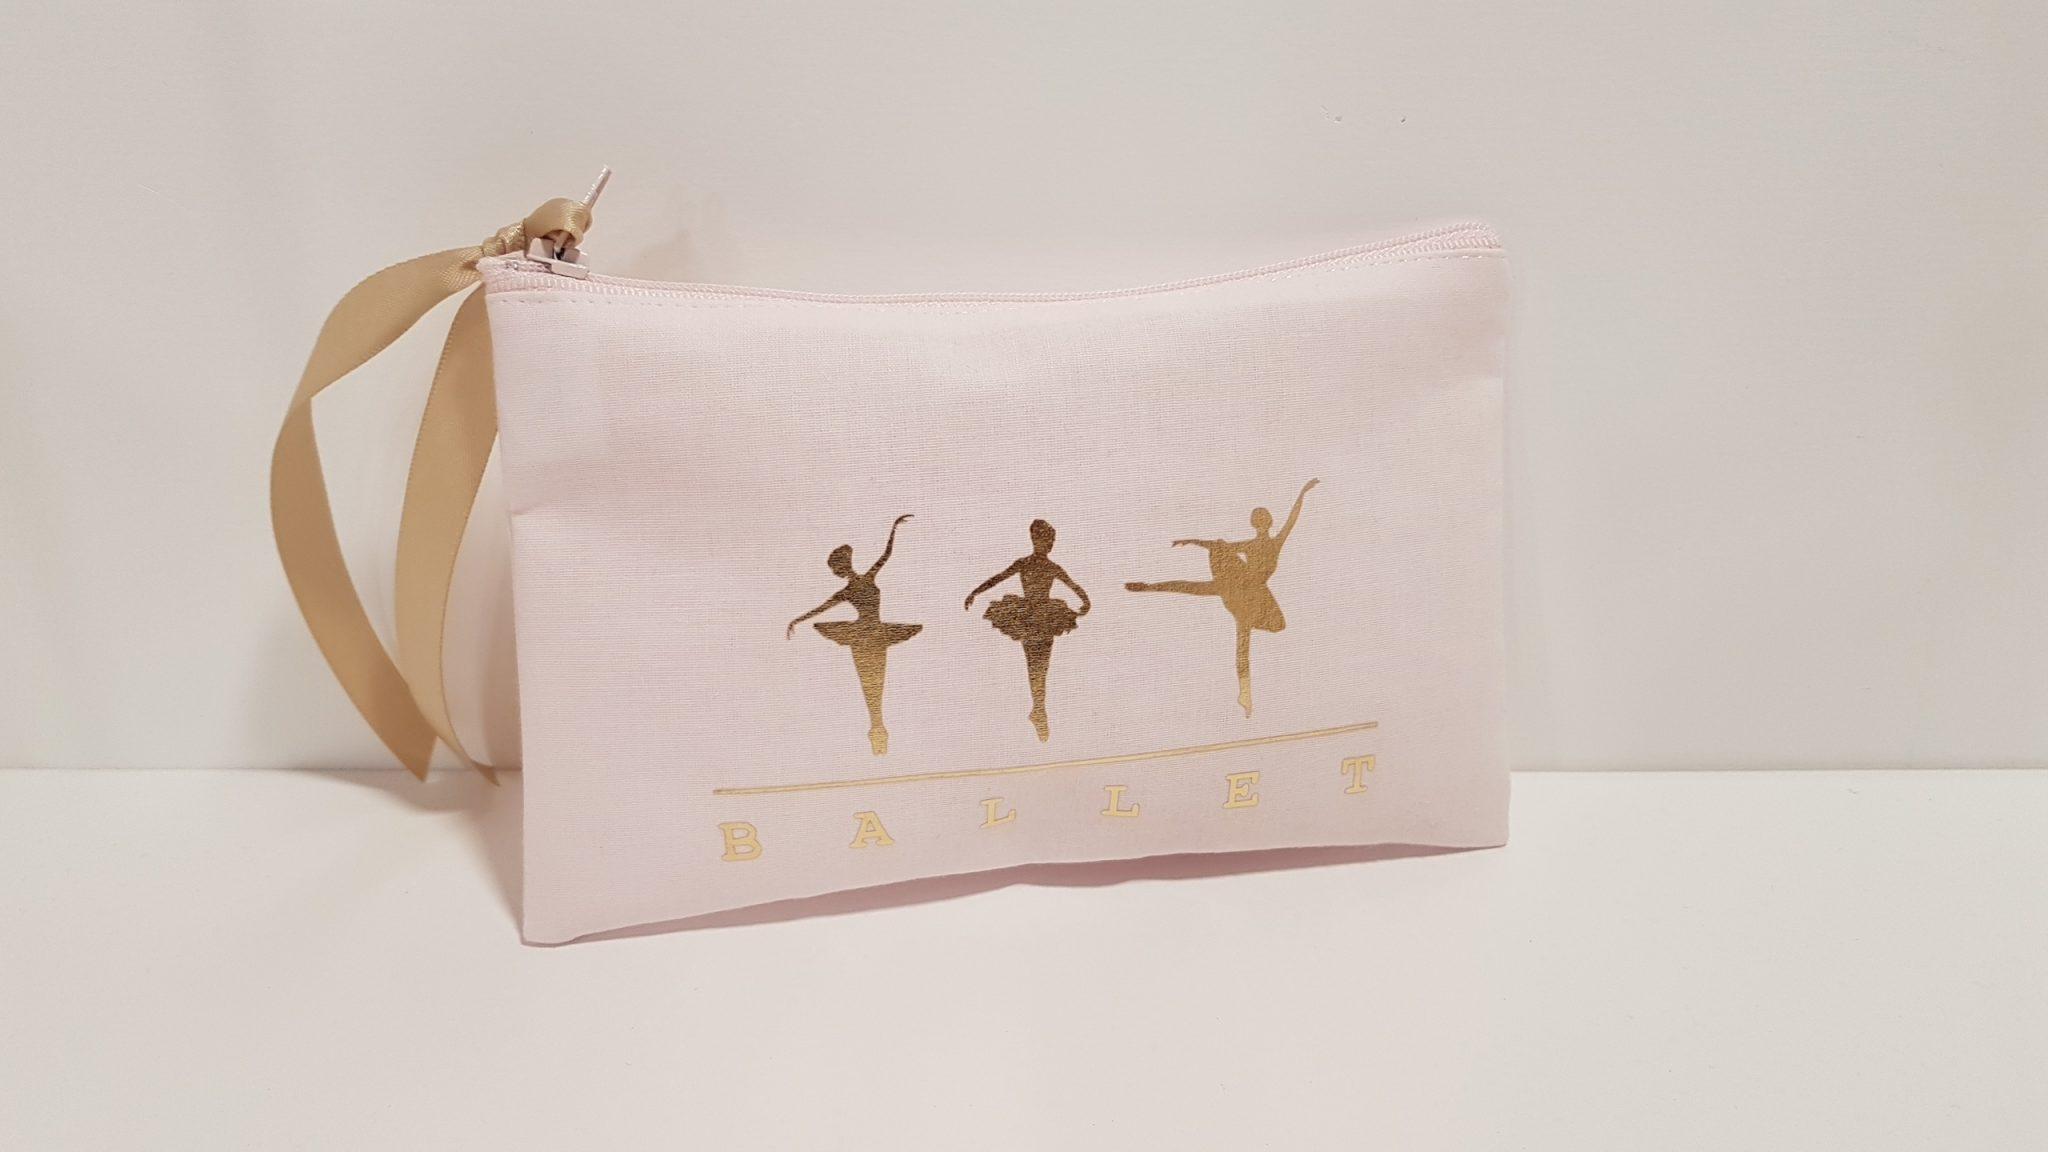 Μπομπονιέρα πορτοφολάκι φλατ ροζ ύφασμα με χρυσές μπαλαρίνες.